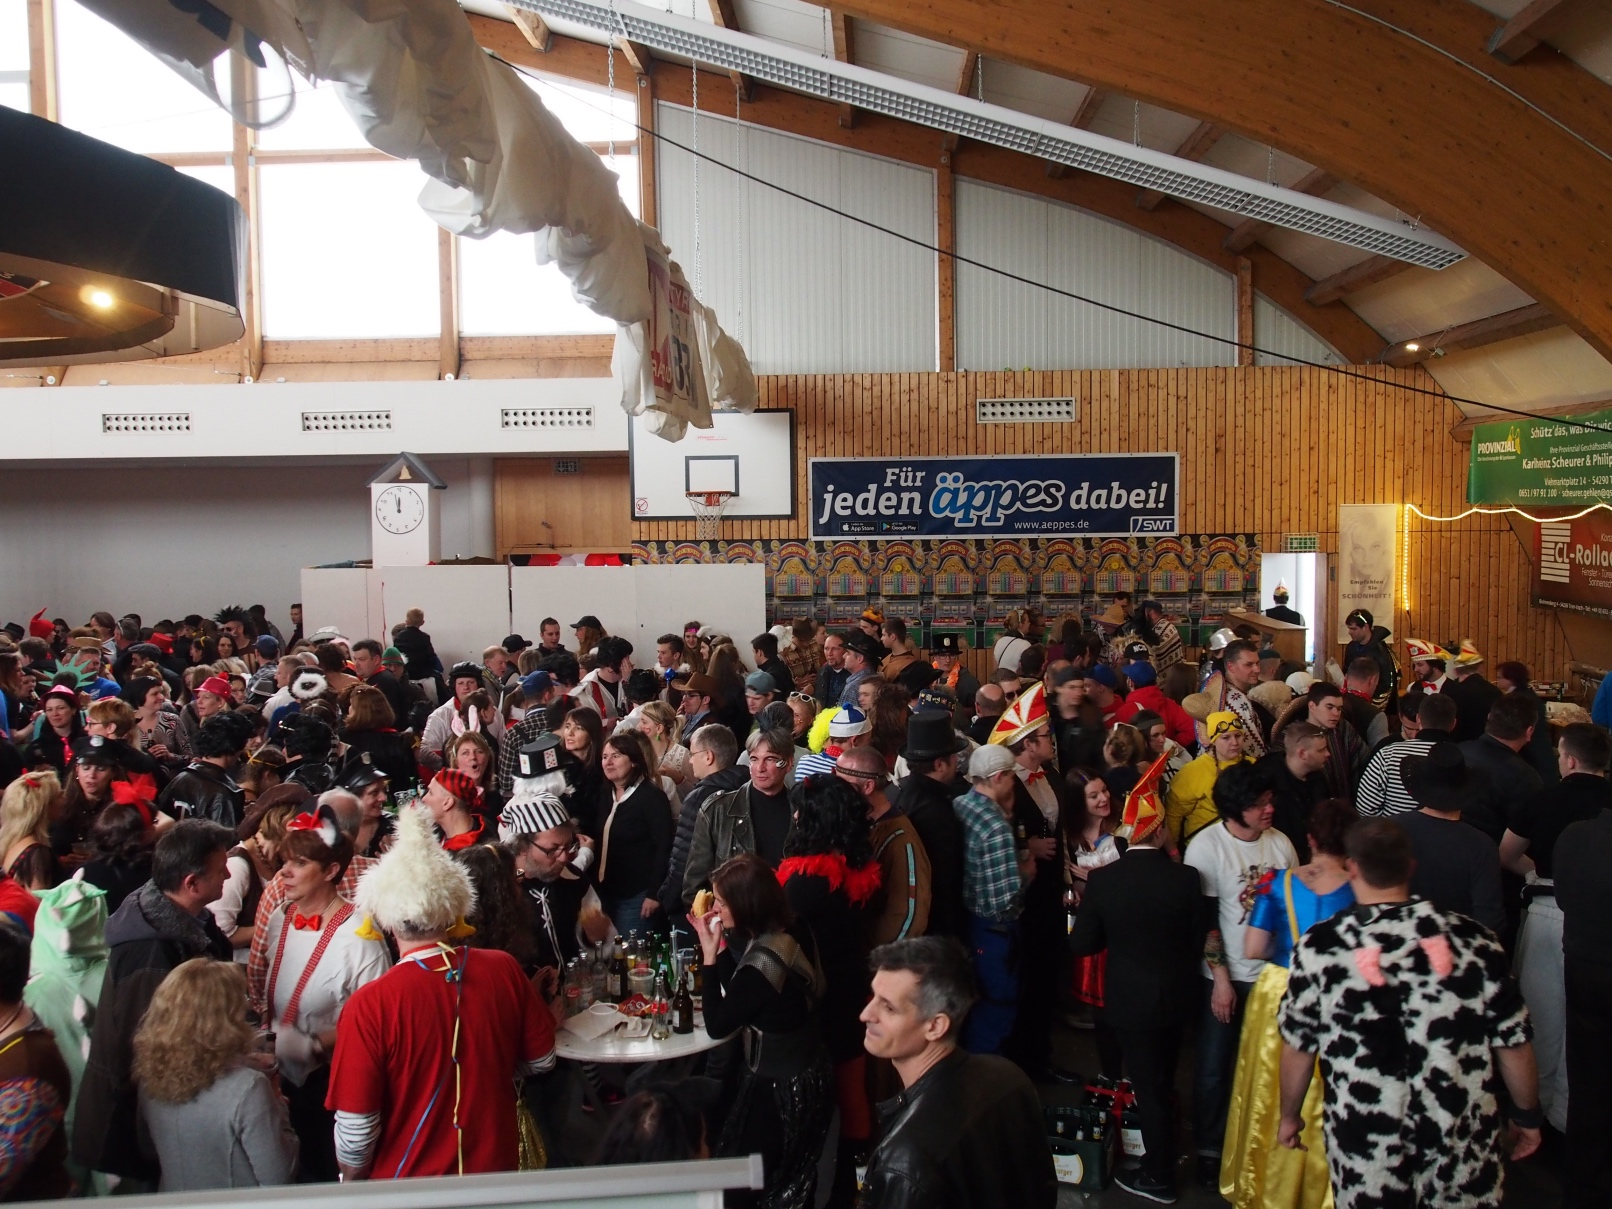 karneval_in_trier_fastnacht_party8.jpg